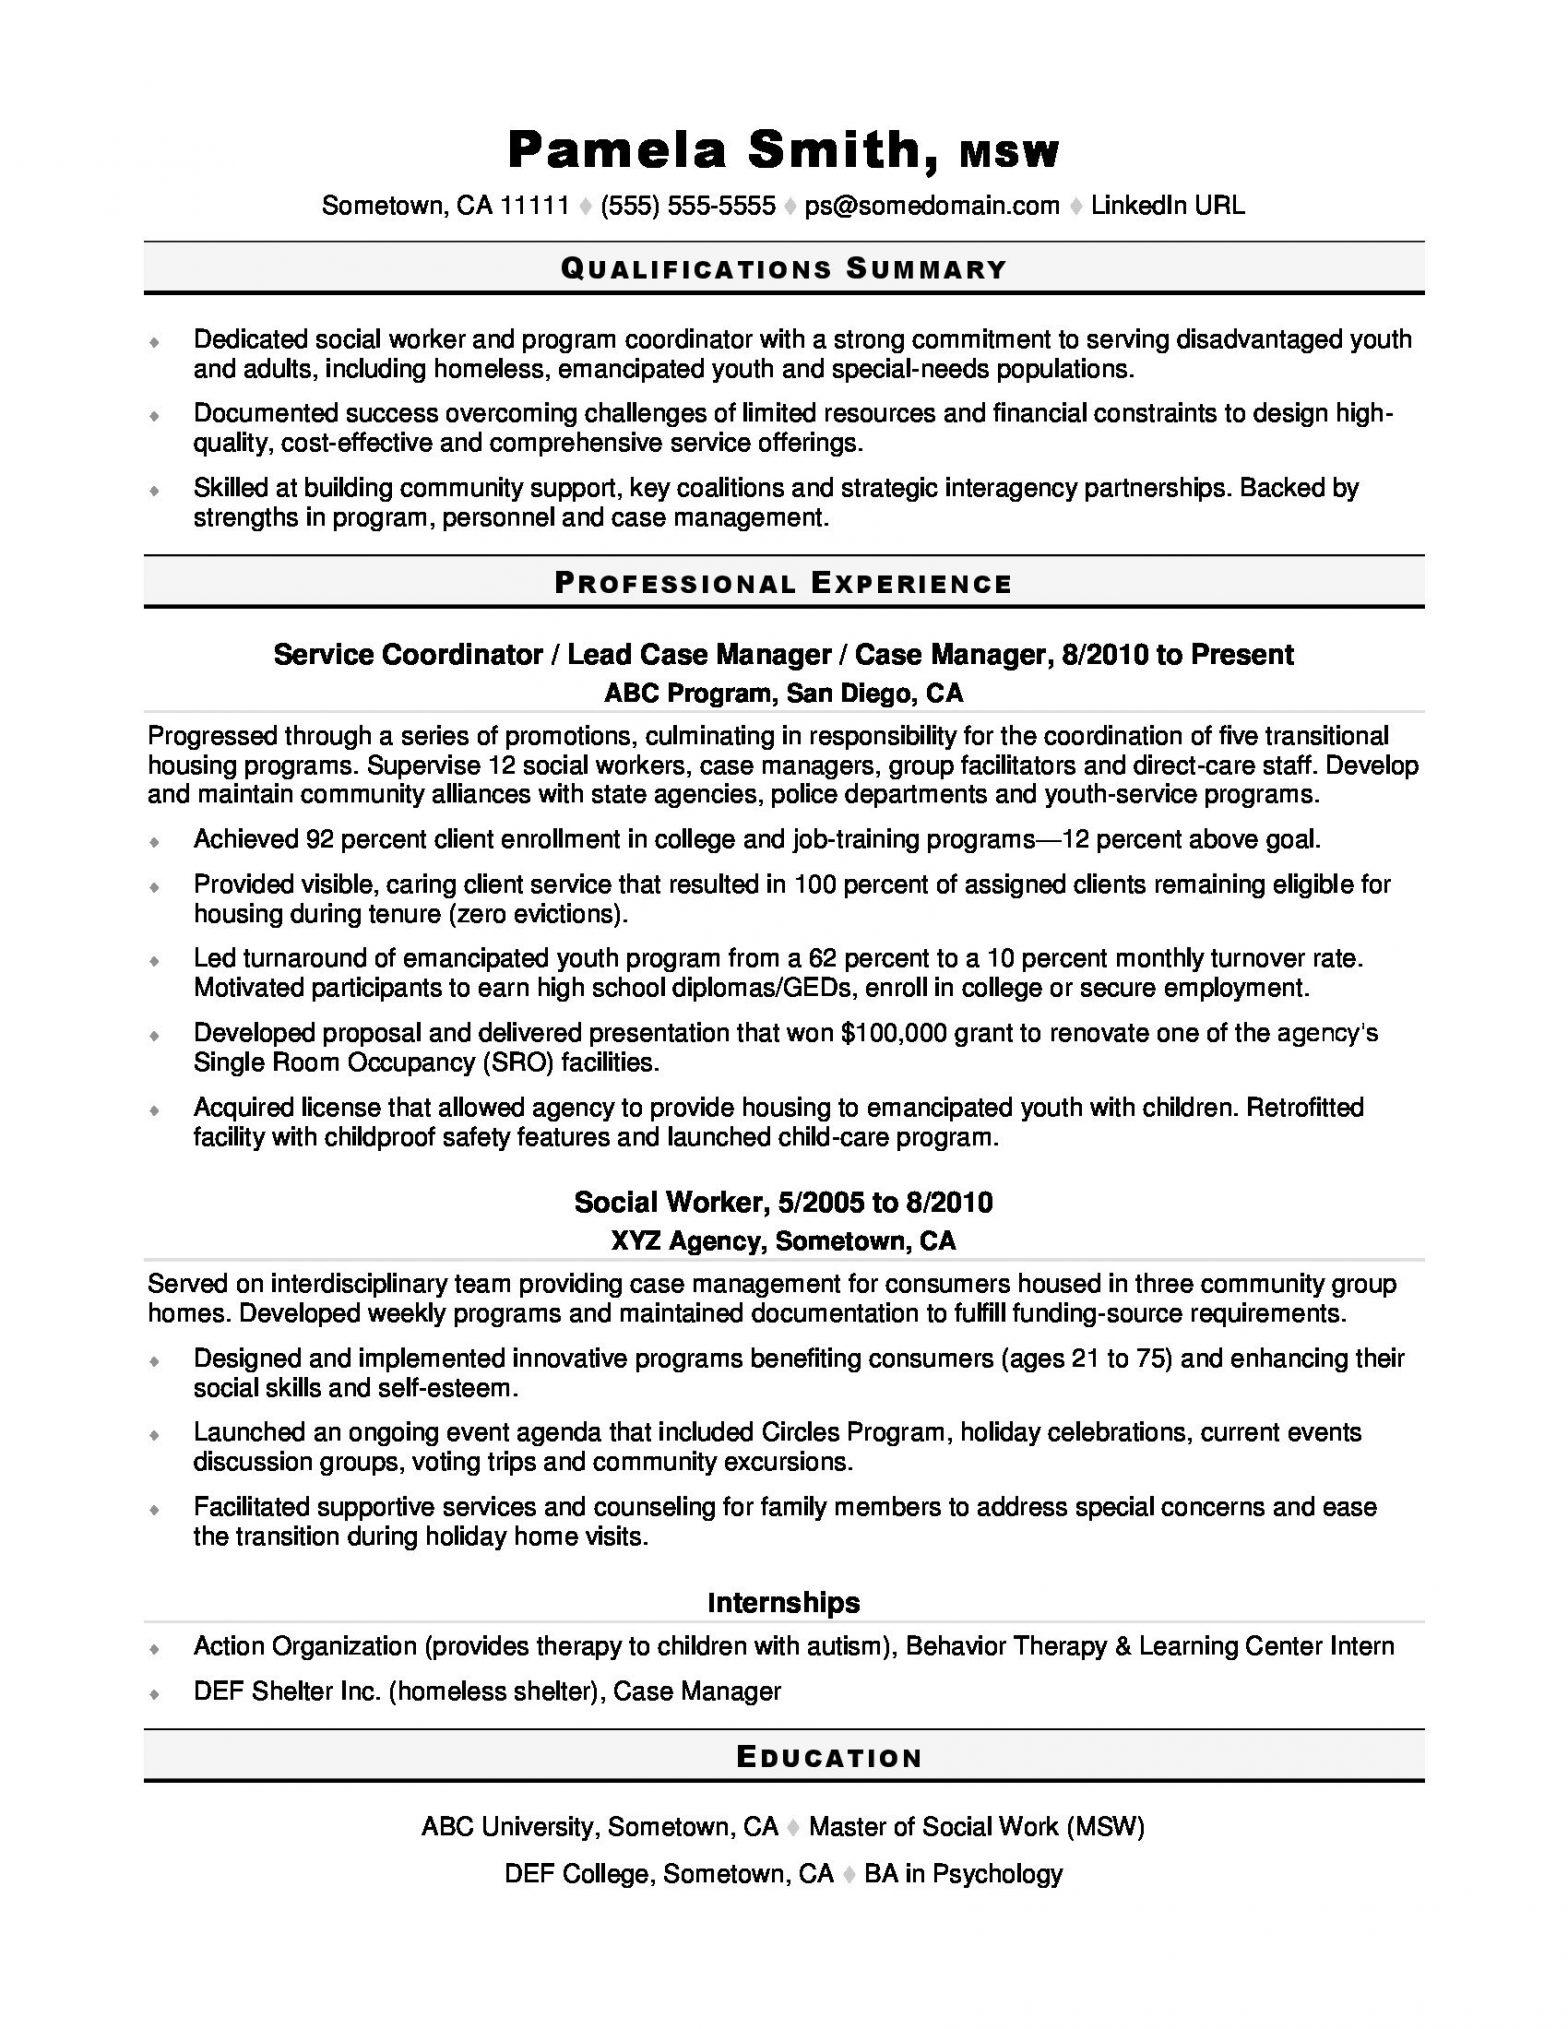 Sample Resume for social Work Student social Worker Resume Sample Monster.com